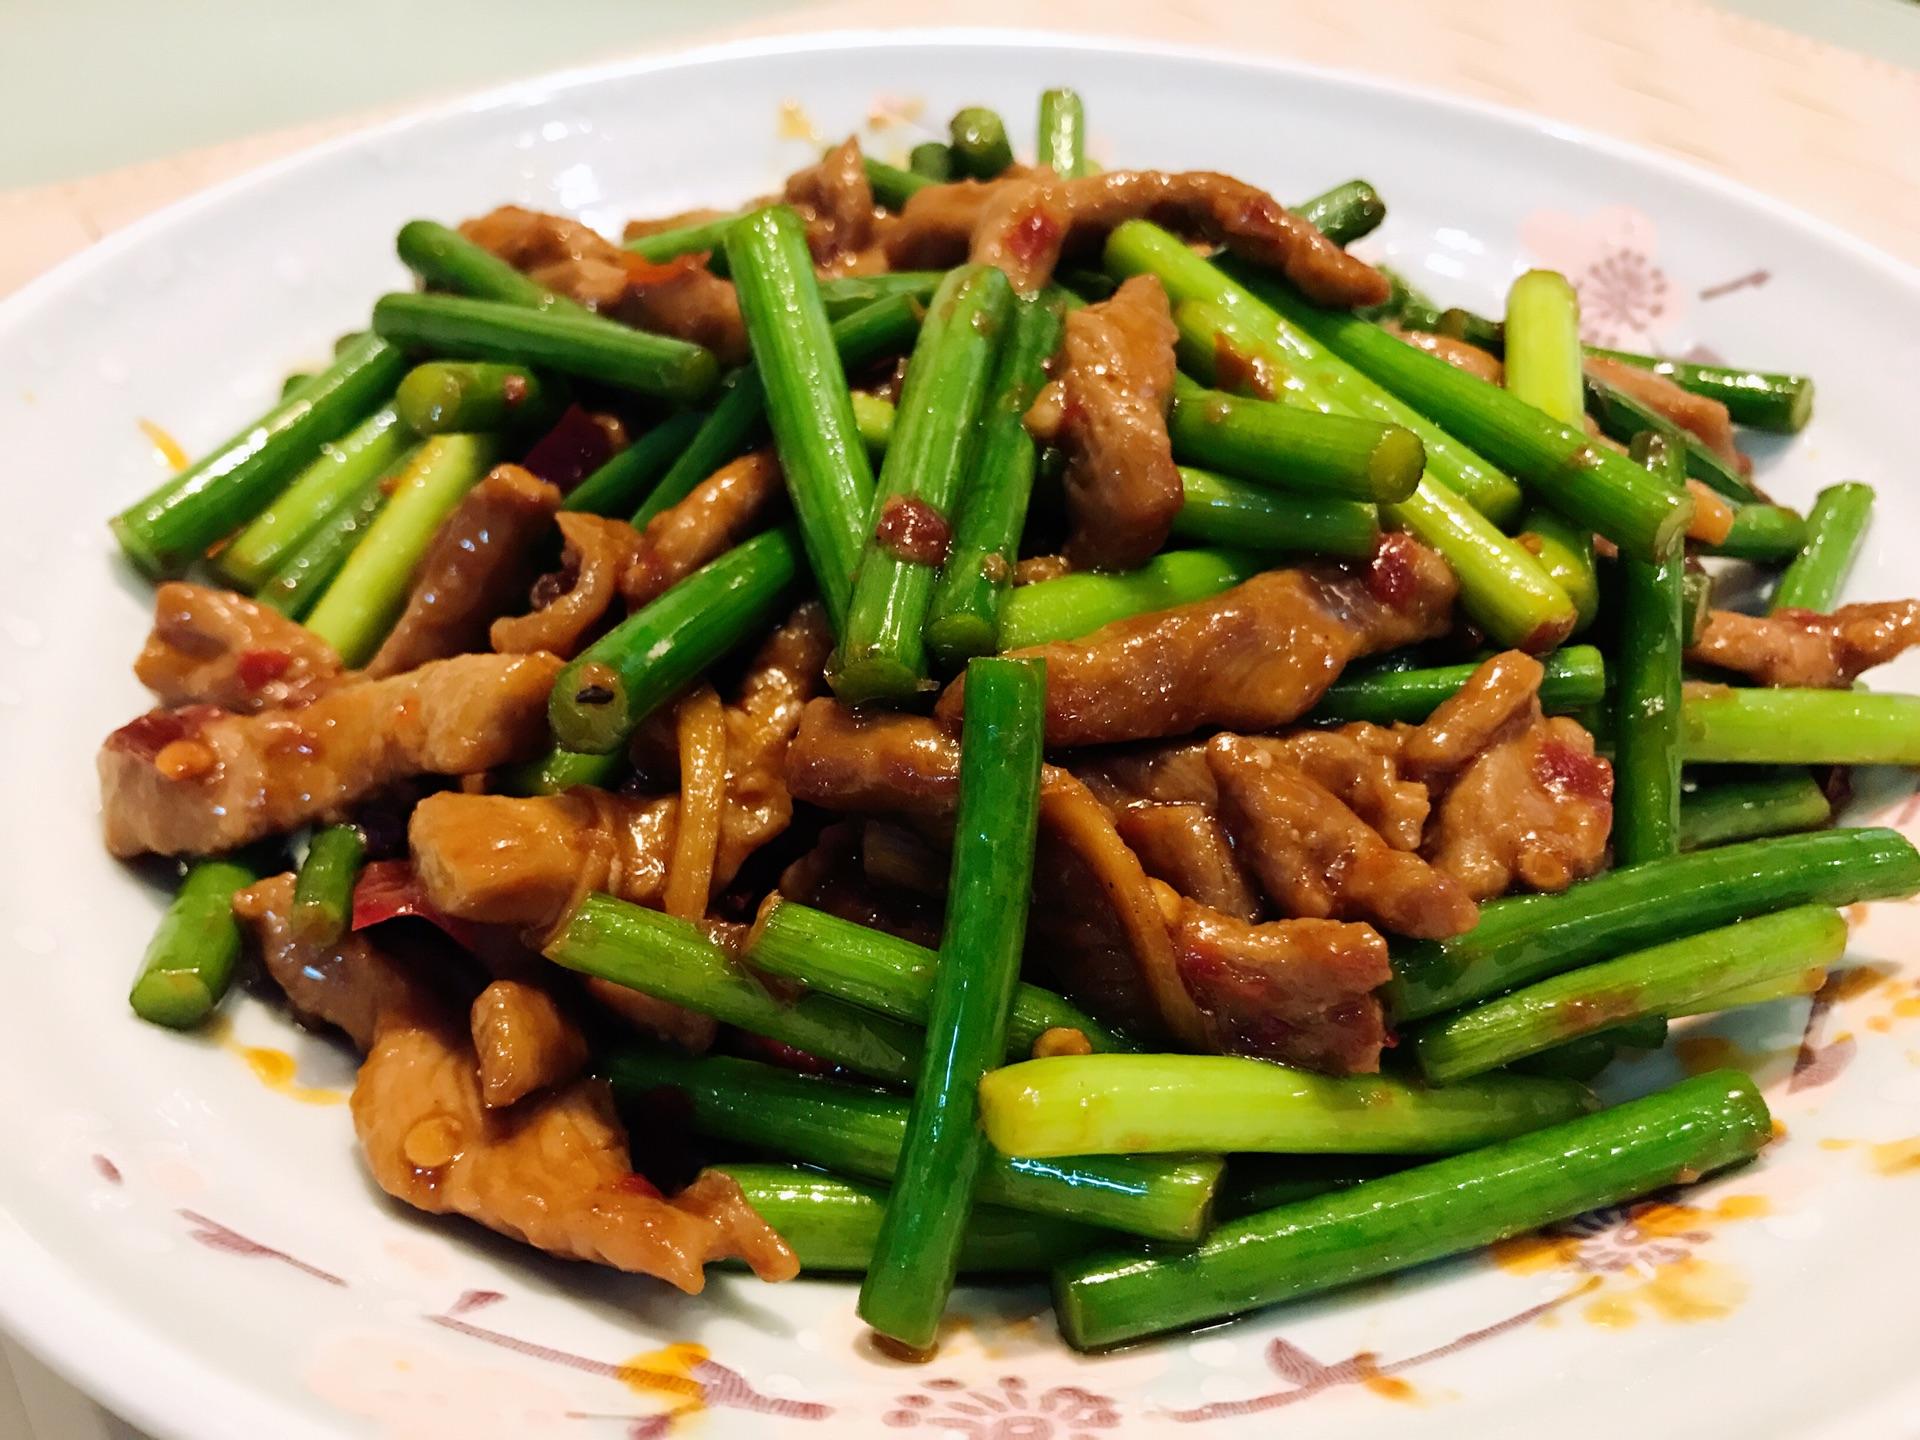 蒜苔肉丝的做法_【图解】蒜苔肉丝怎么做如何做好吃